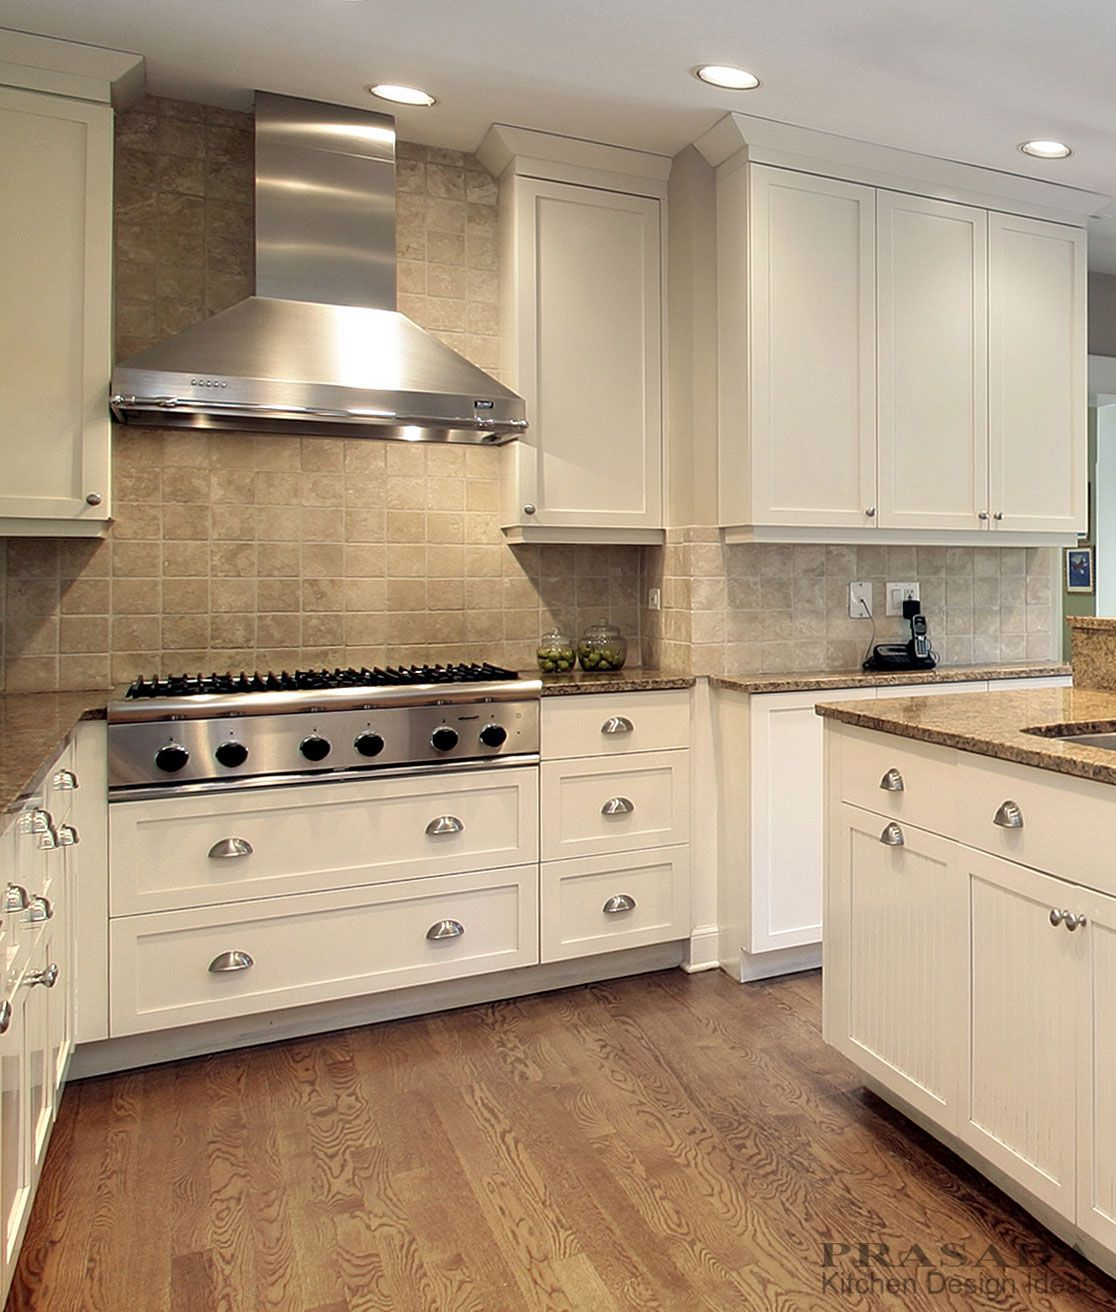 Kitchen Design Ideas Kitchen Design Kitchen Cabinet Design